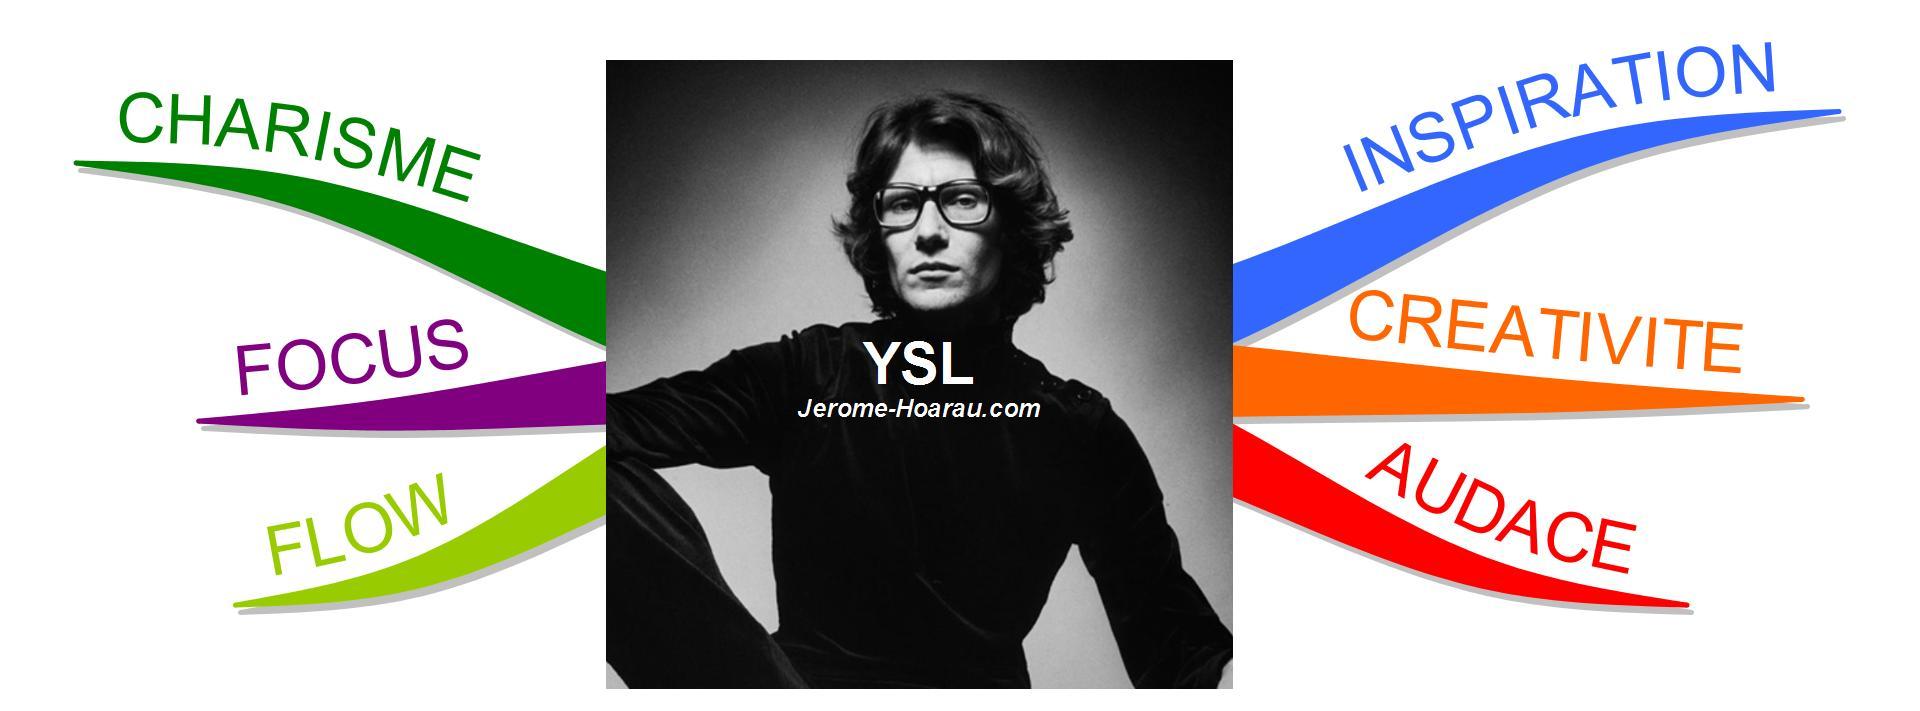 YSL Jerome Hoarau com